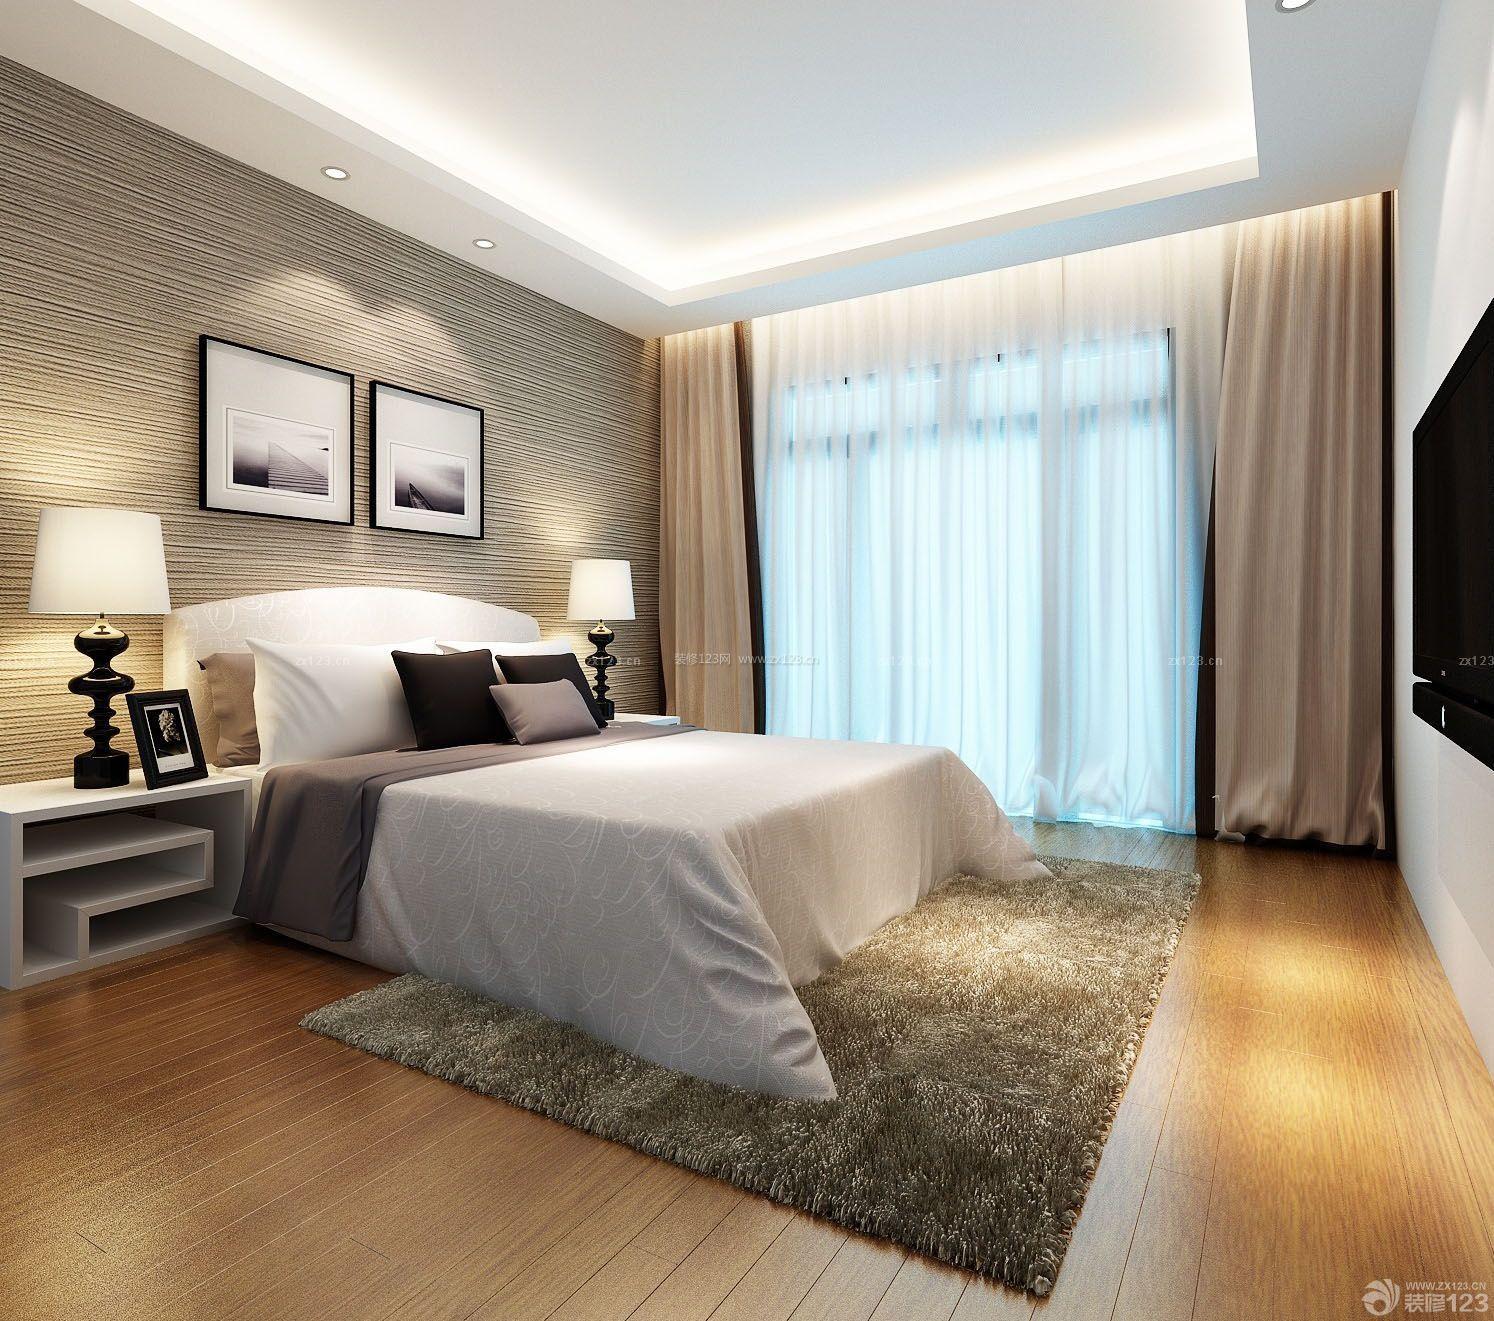 90平米3居室房屋现代卧室装修效果图